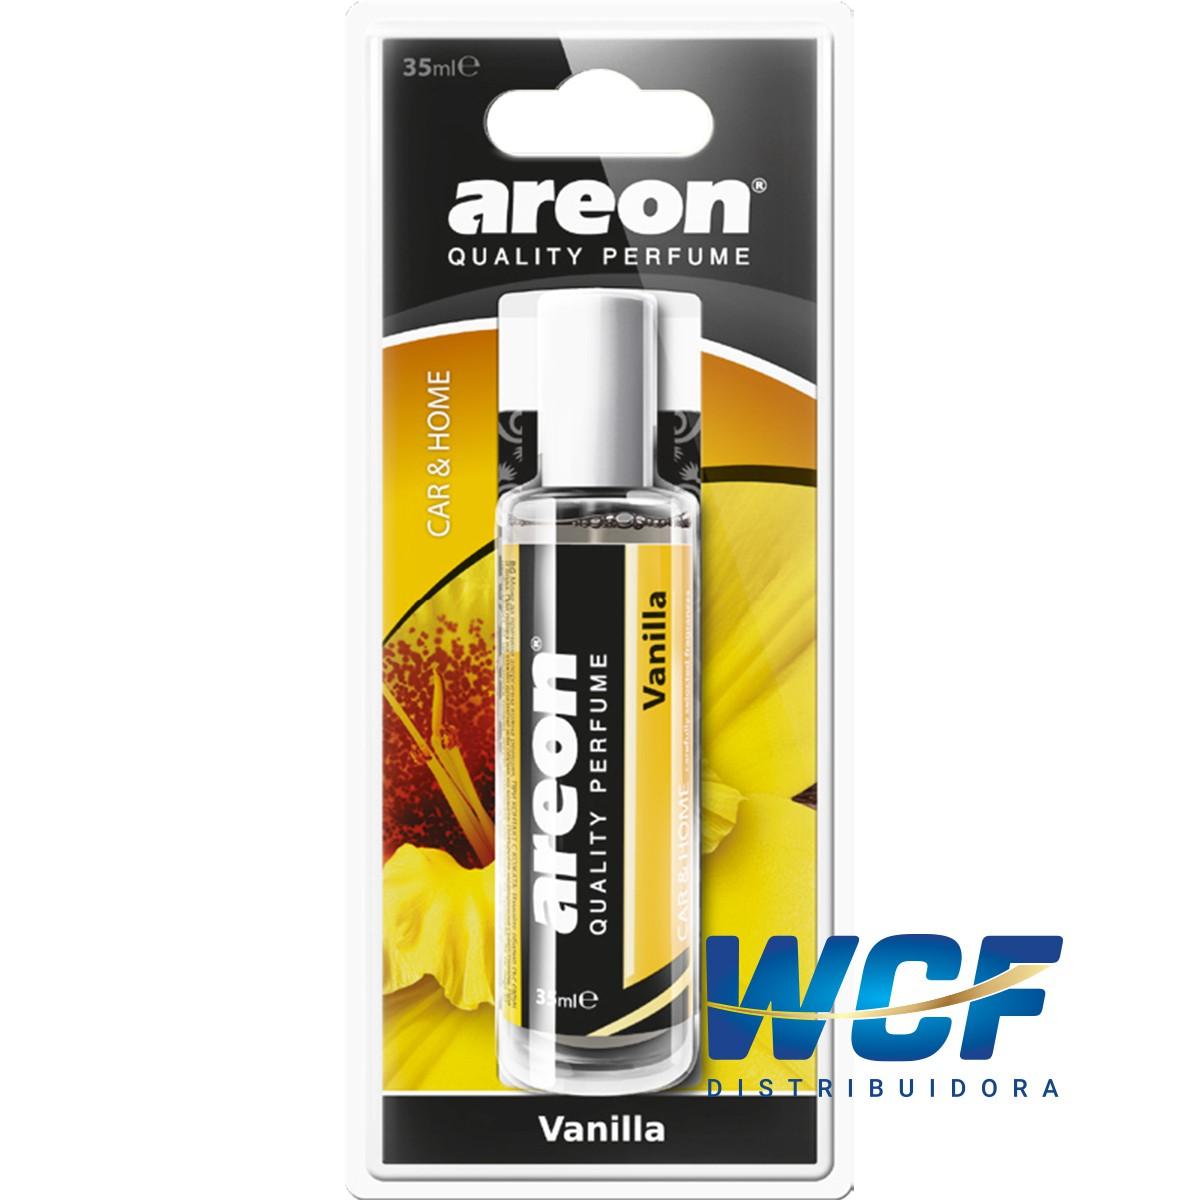 AREON BLISTER 35 ML PERFUME VANILLA